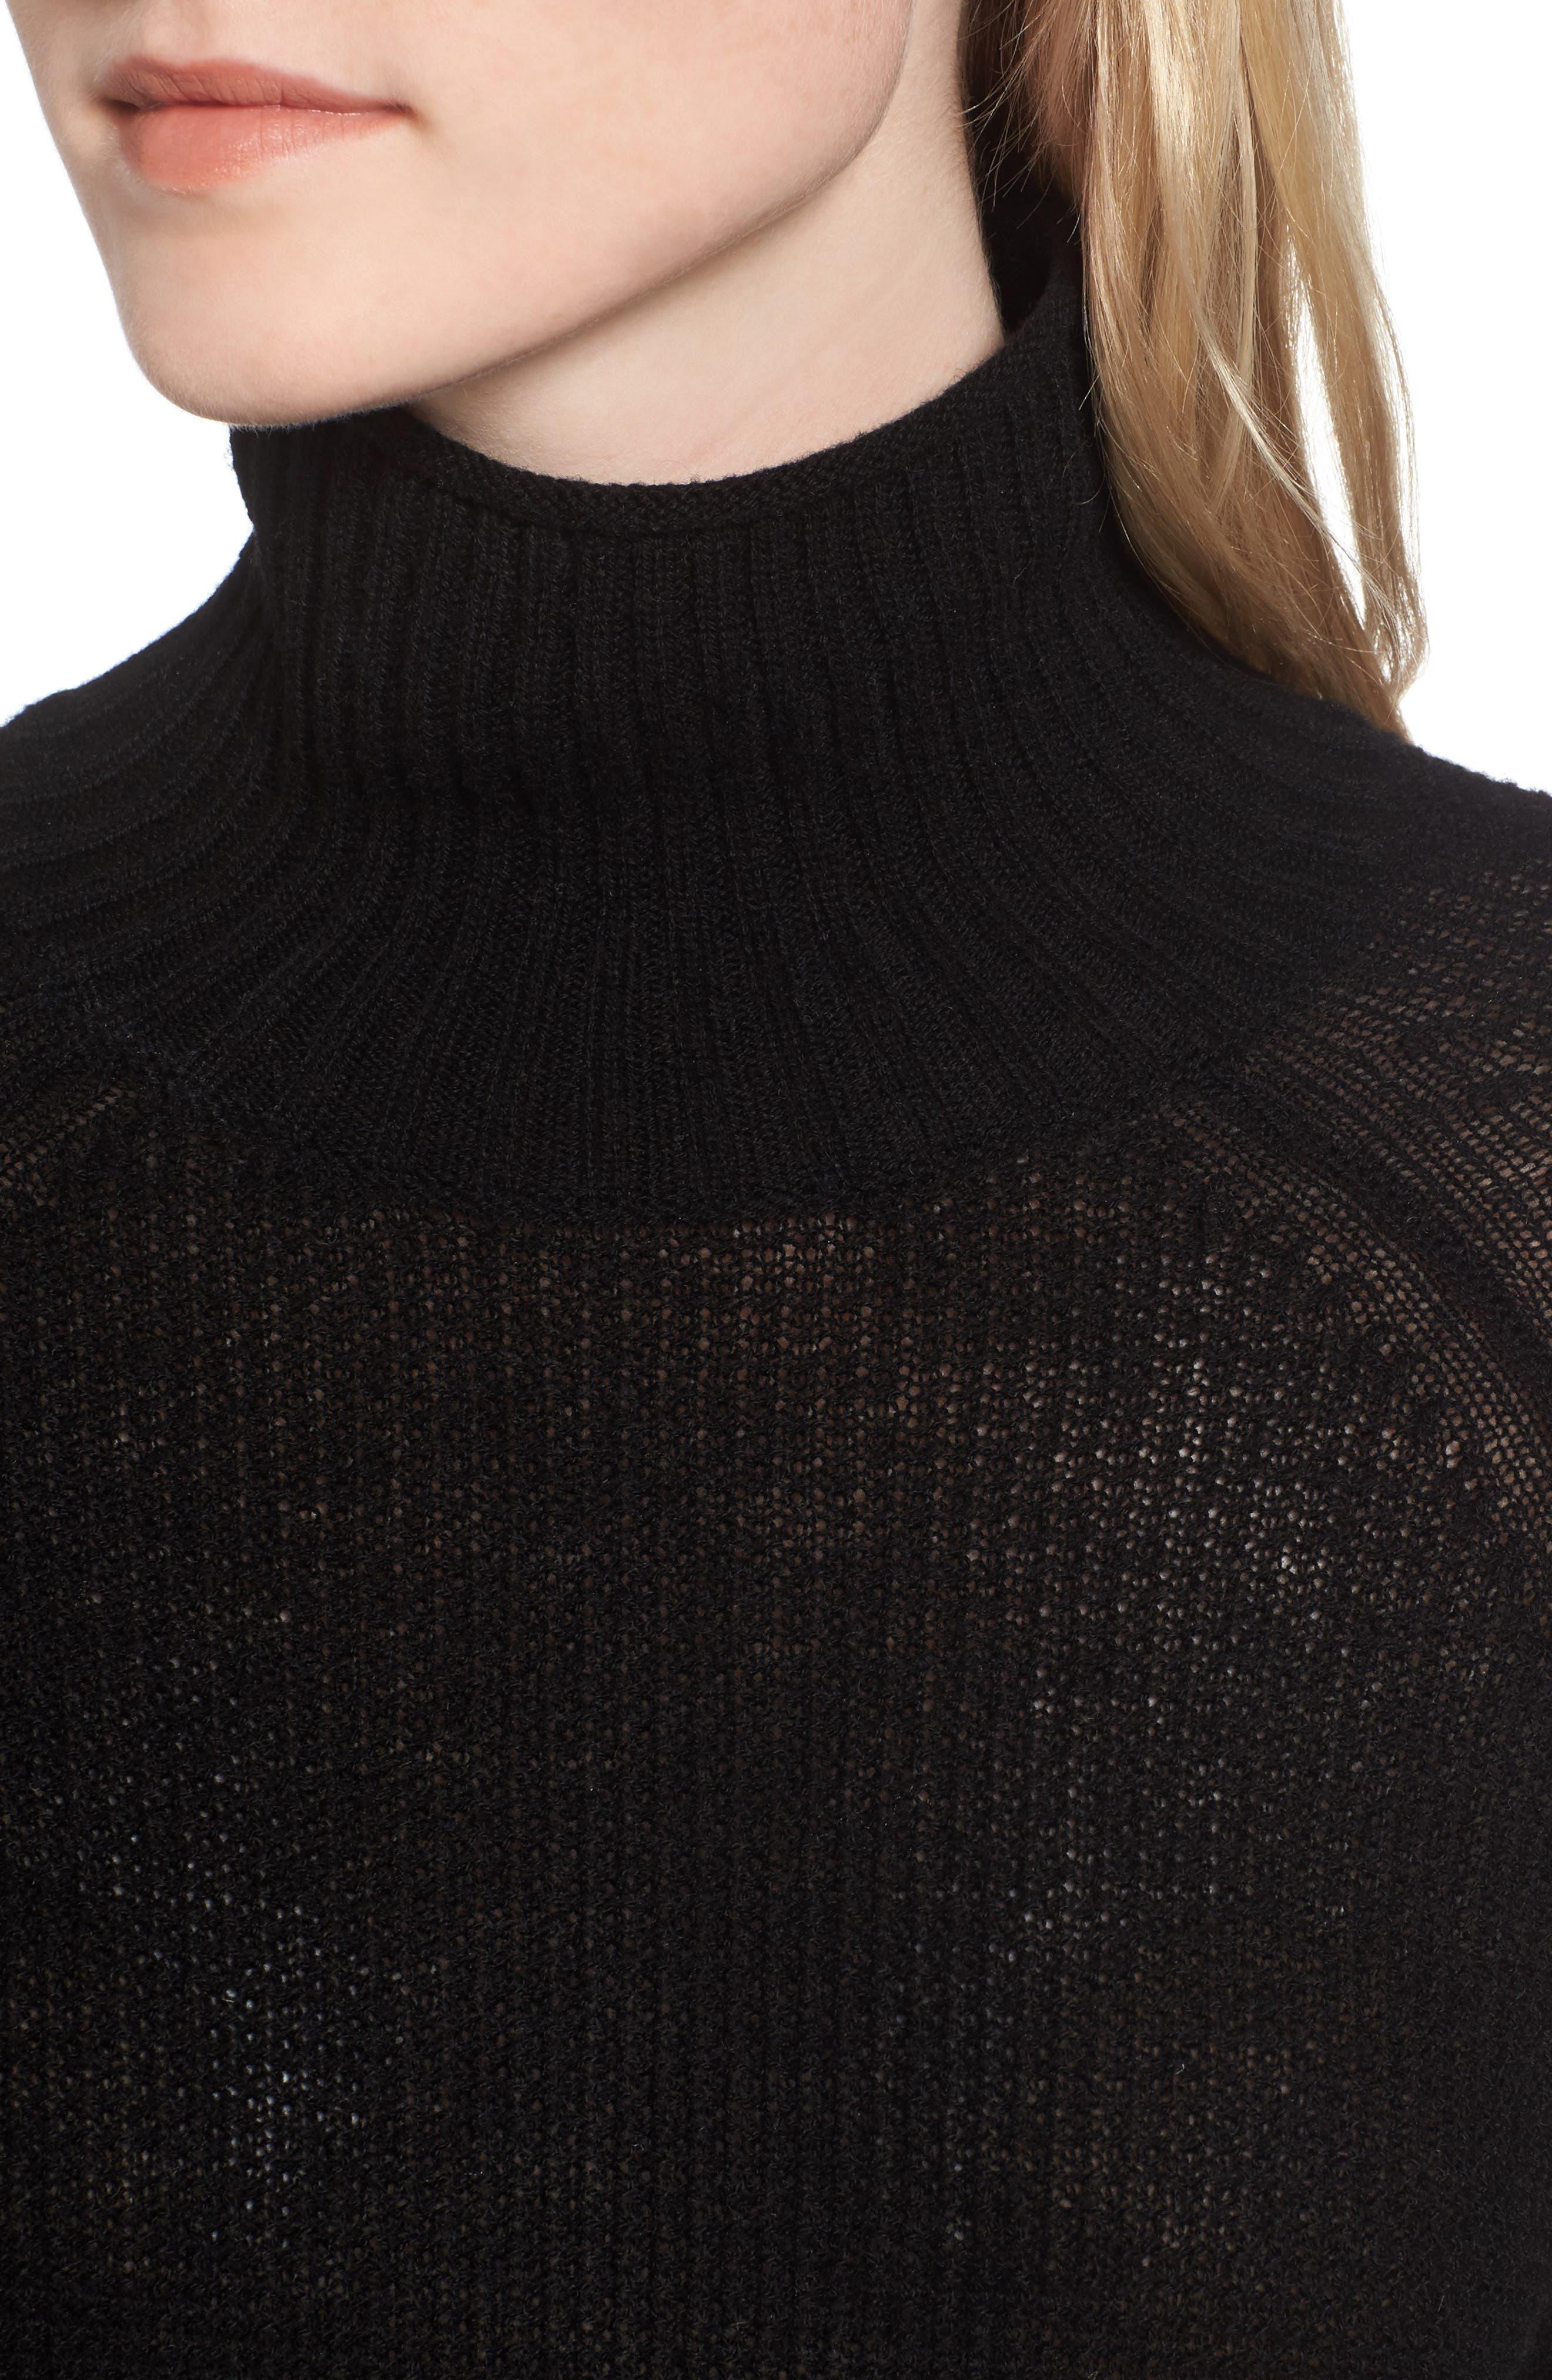 Jenni Turtleneck Sweater,                             Alternate thumbnail 4, color,                             001